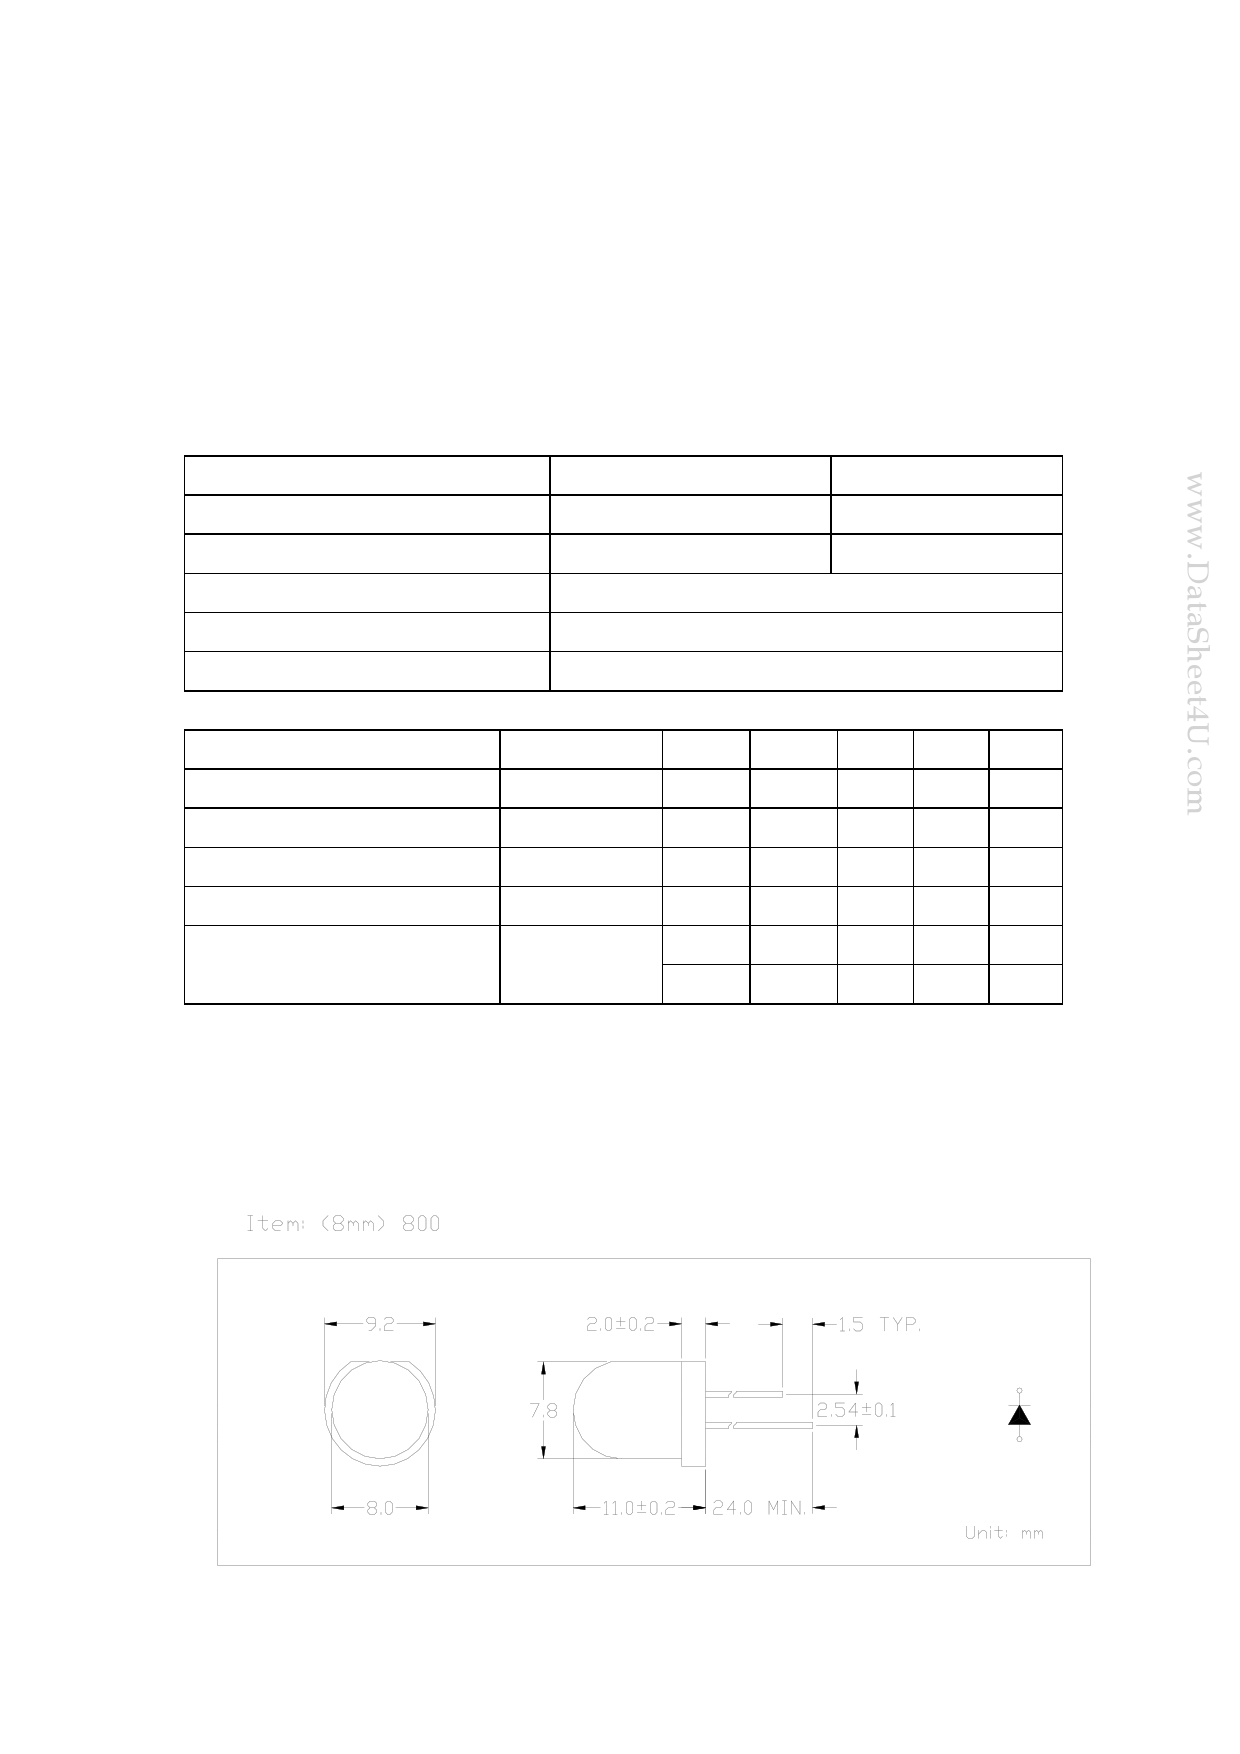 800TB1D دیتاشیت PDF